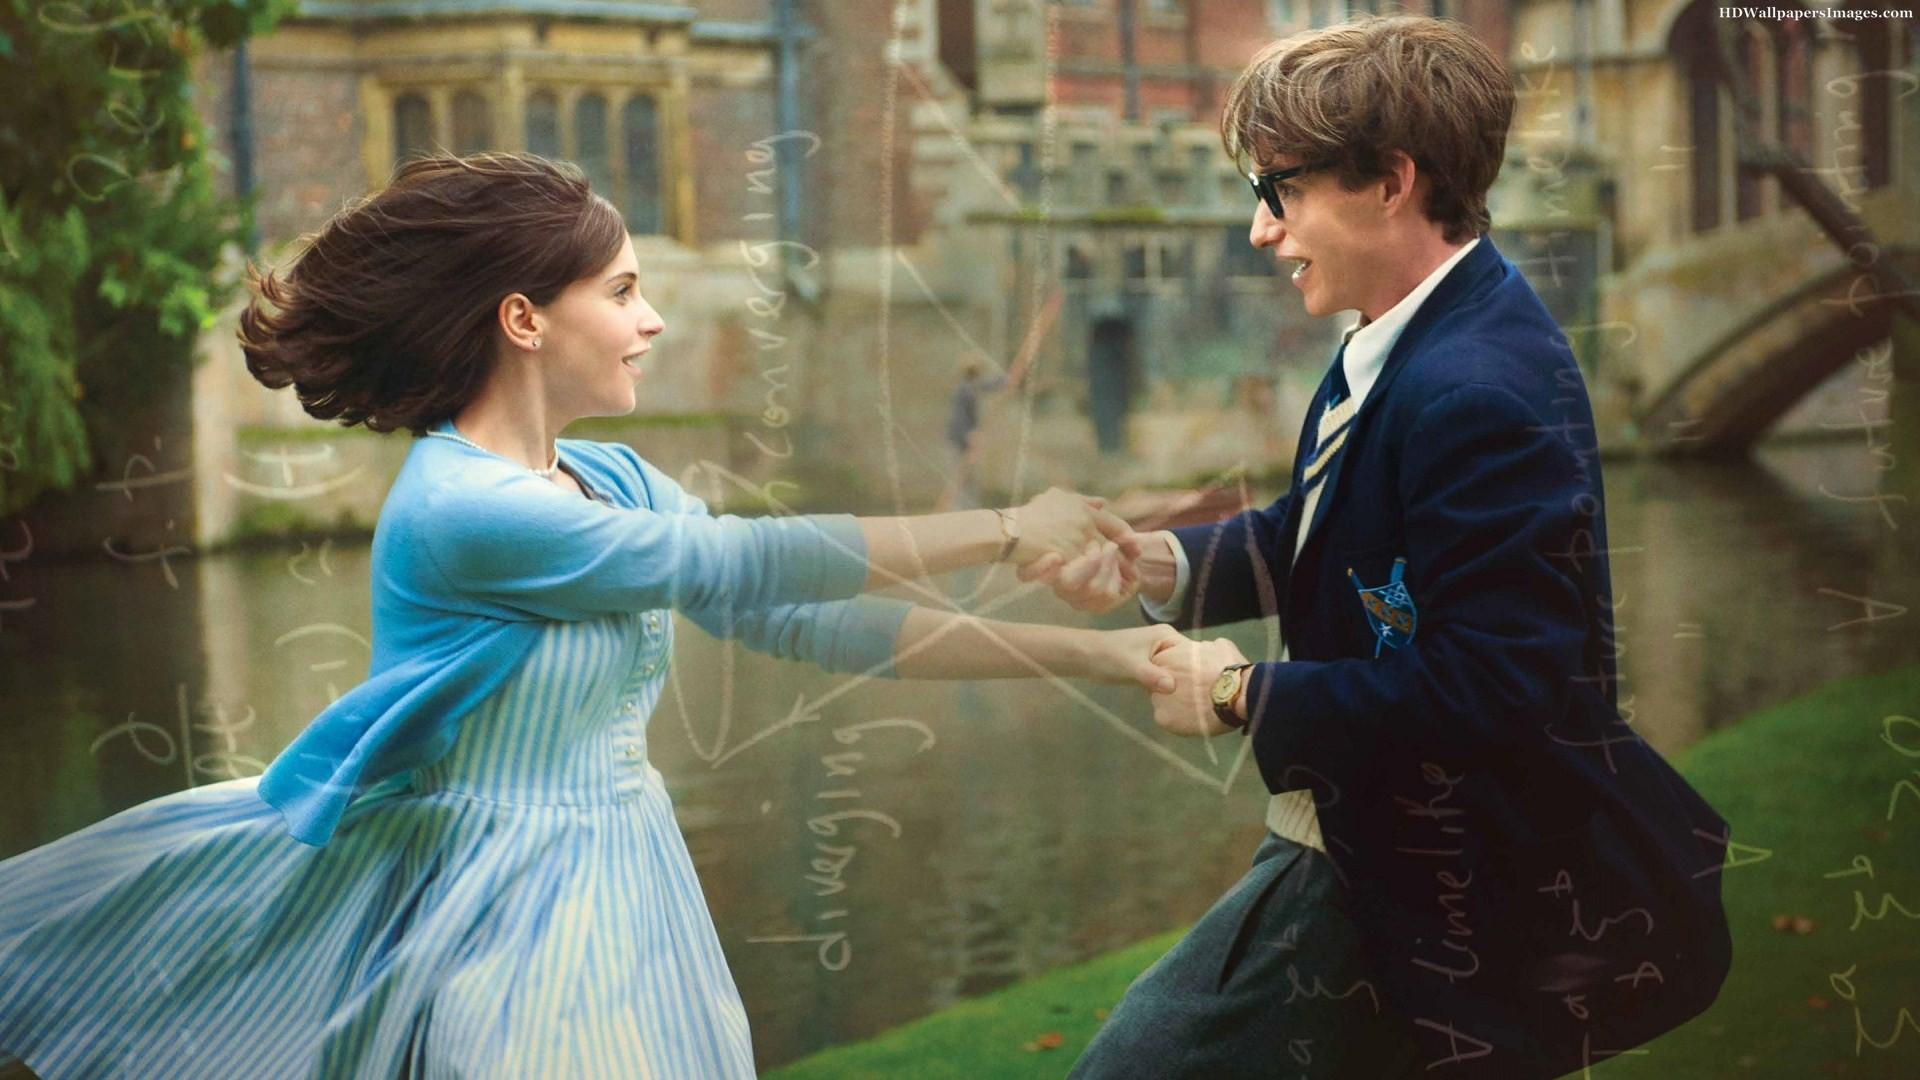 """Điểm tên 5 câu chuyện tình yêu """"đặc biệt"""" có sức hút nhất màn ảnh thế giới - Ảnh 5."""